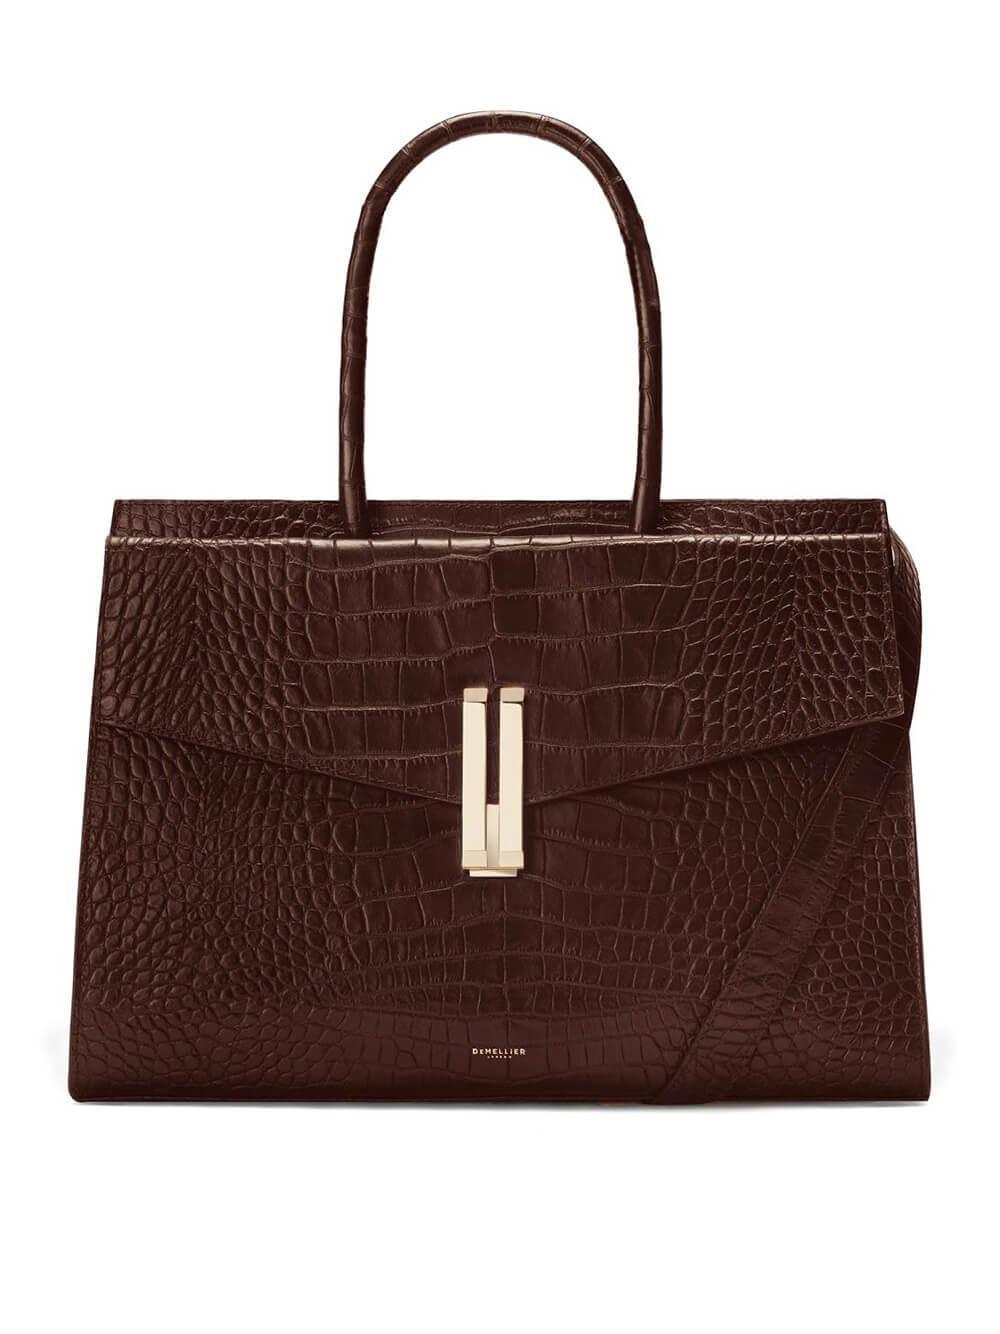 Maxi Montreal Top Handle Bag Item # D77-EMB